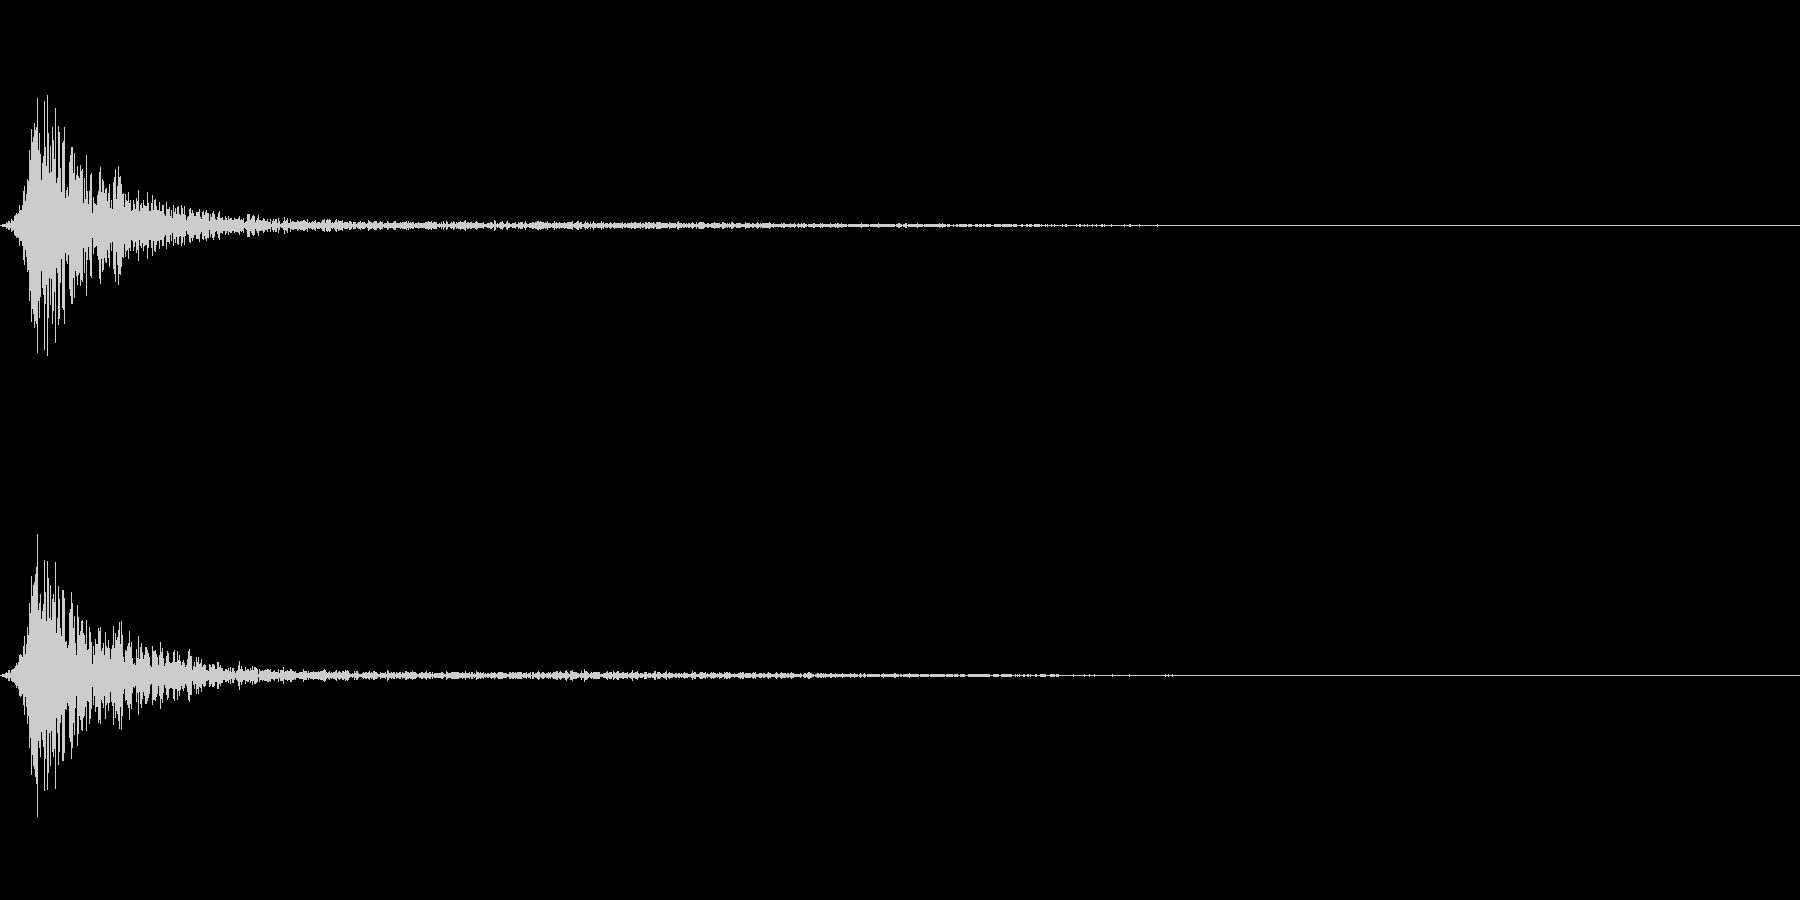 クリックノイズ系キャンセル音 シュンの未再生の波形